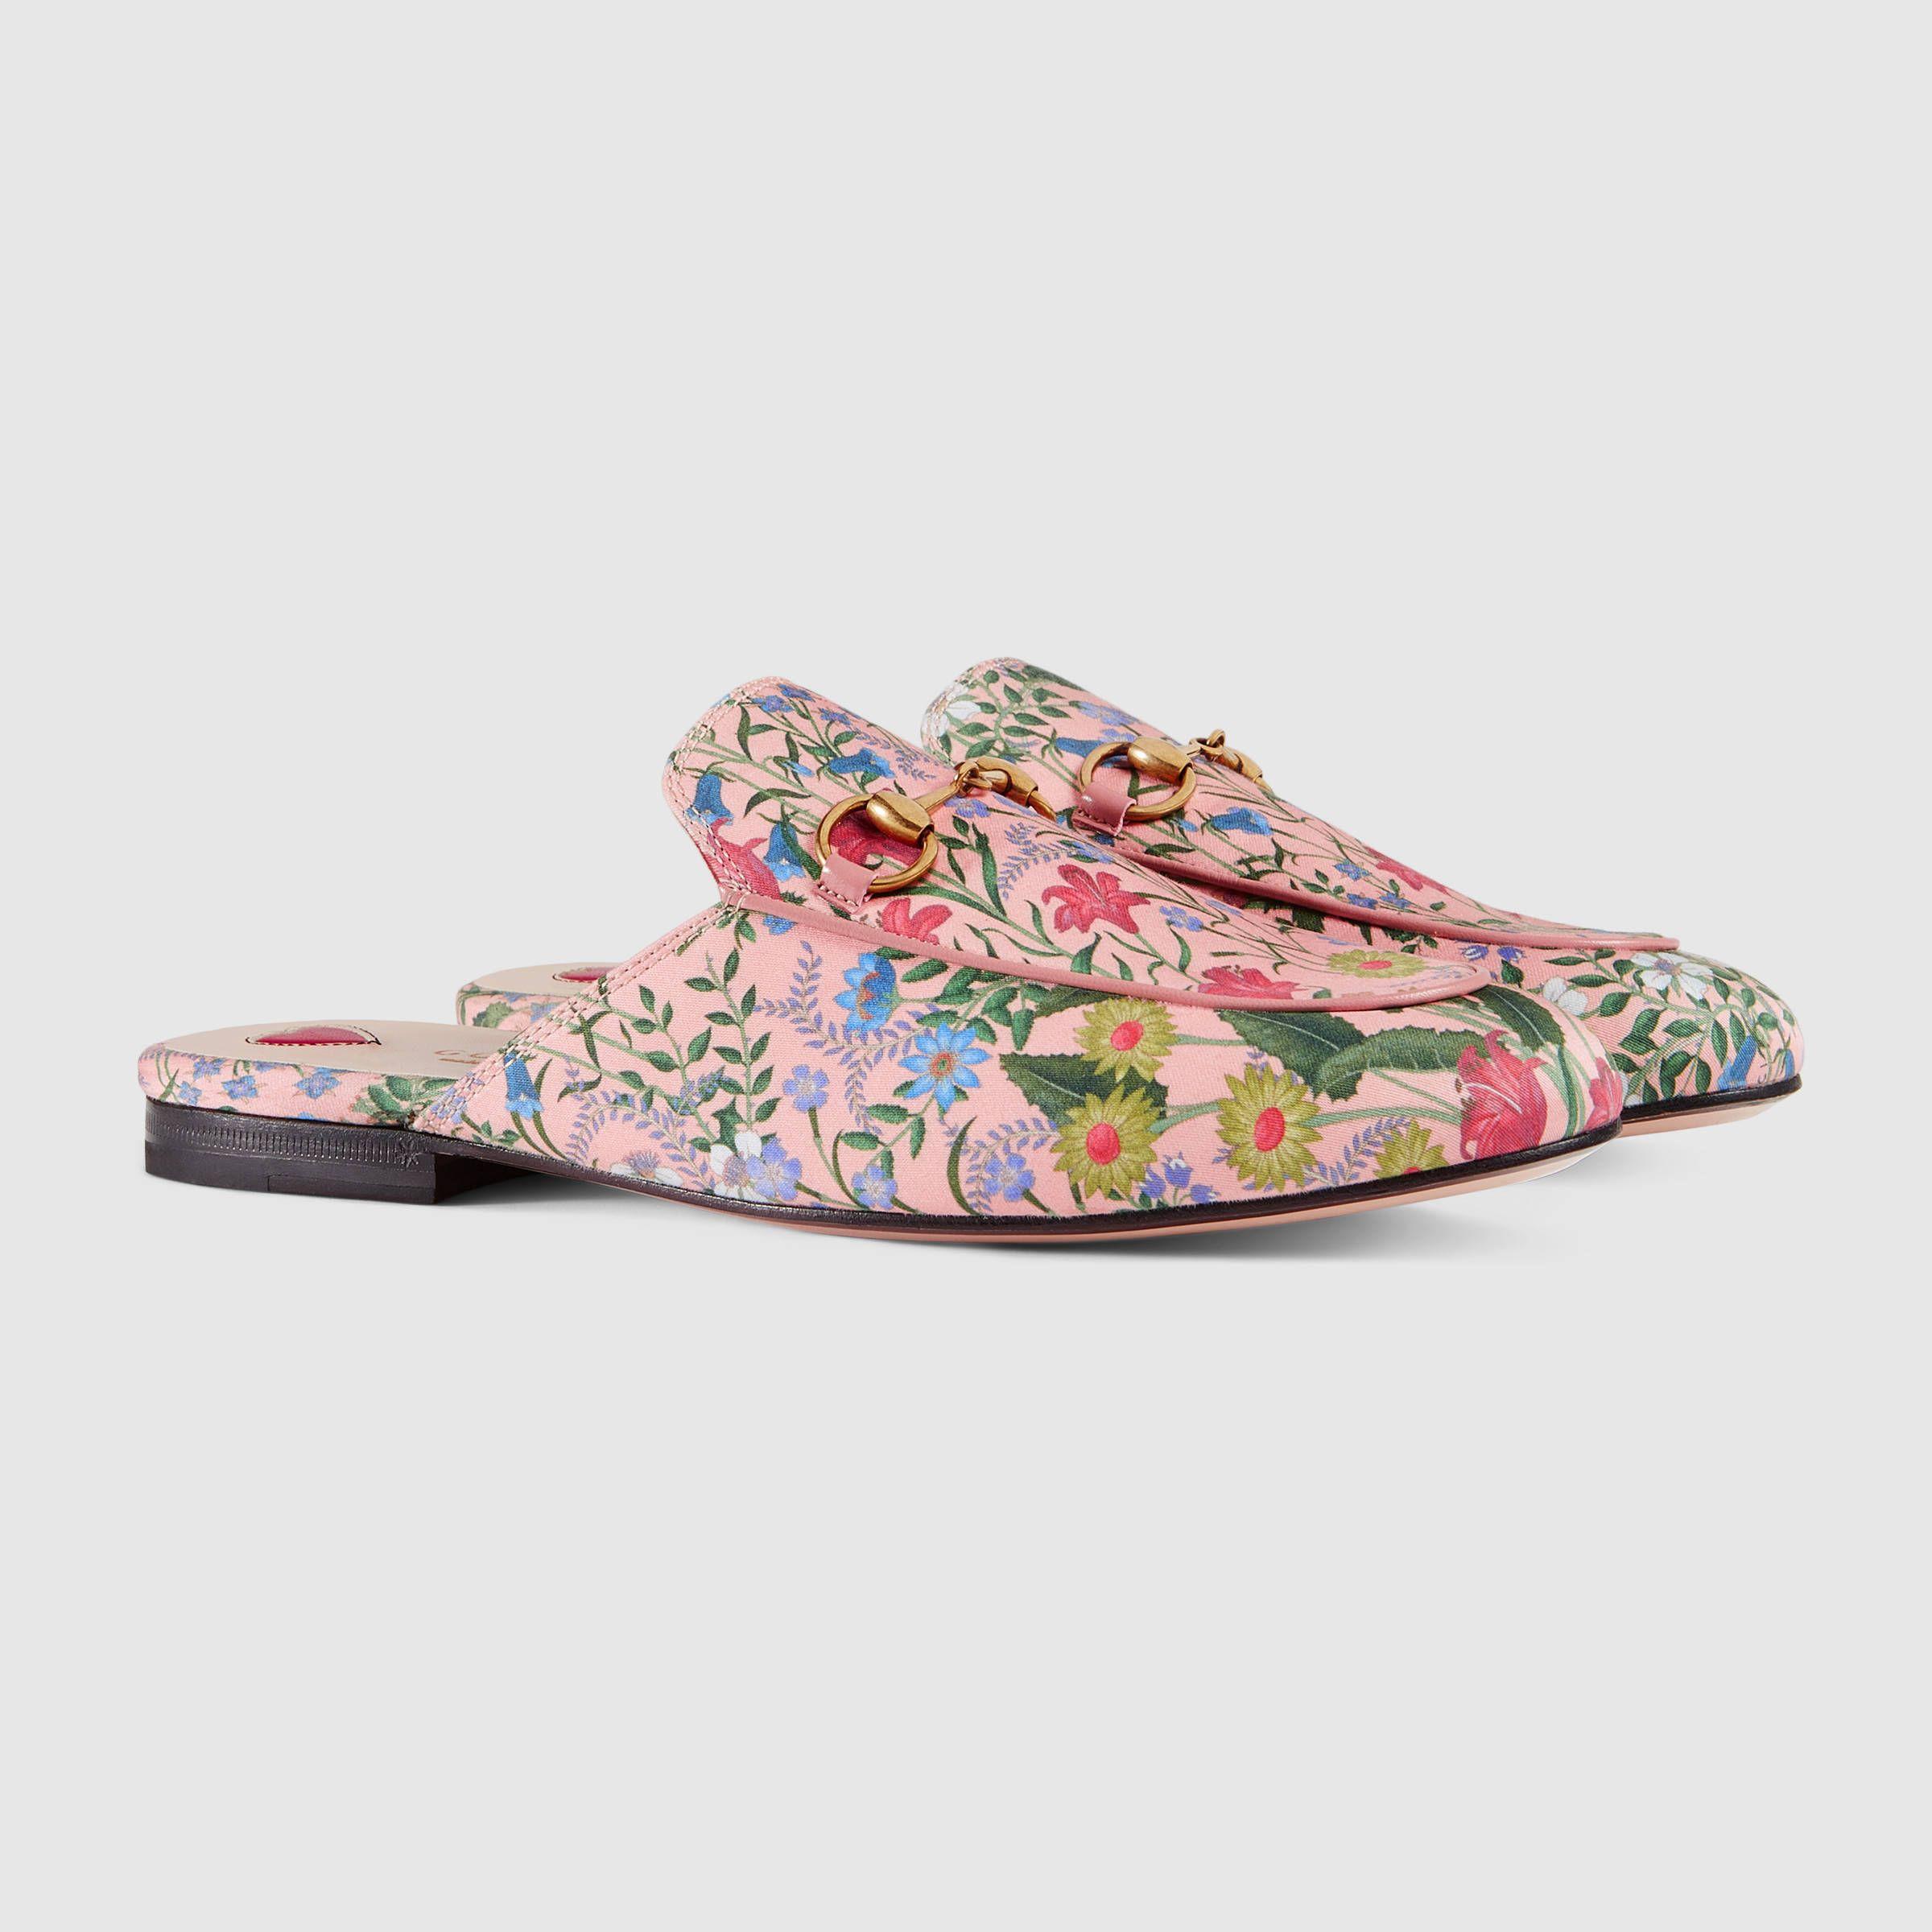 f7b7b339f23 Gucci Princetown New Flora slipper Detail 2